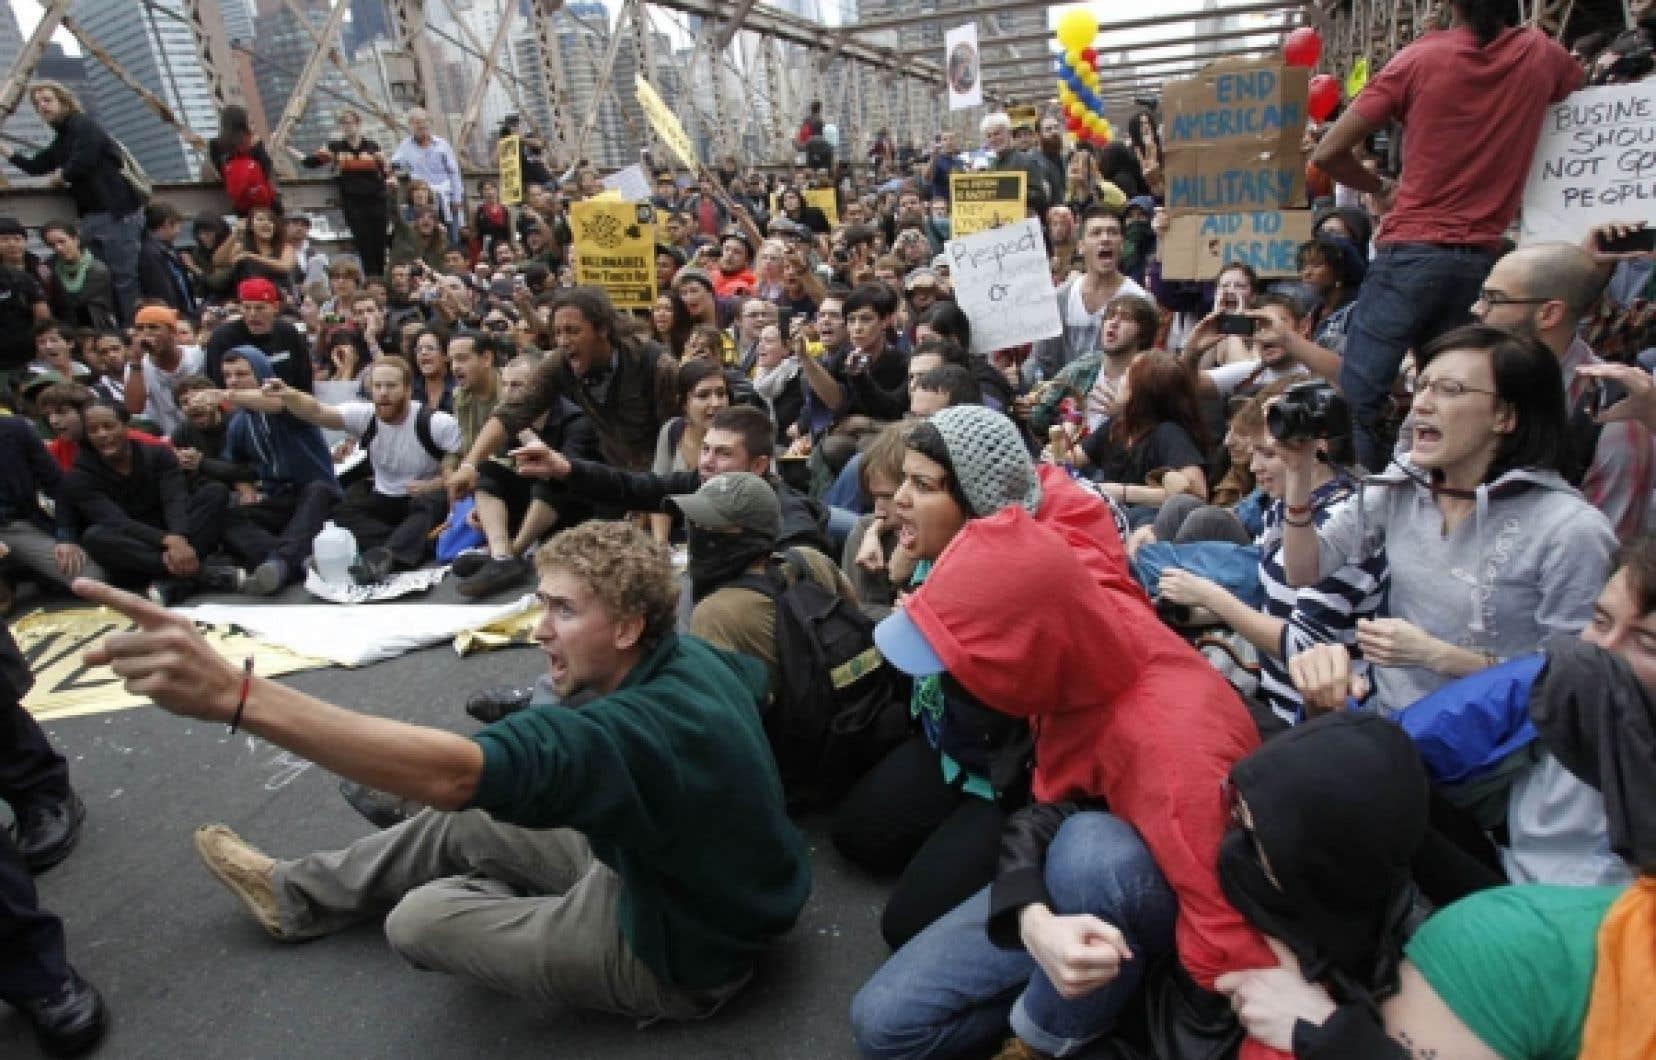 Sept cents personnes ont &eacute;t&eacute; arr&ecirc;t&eacute;es samedi pour avoir bloqu&eacute; le pont de Brooklyn<br />